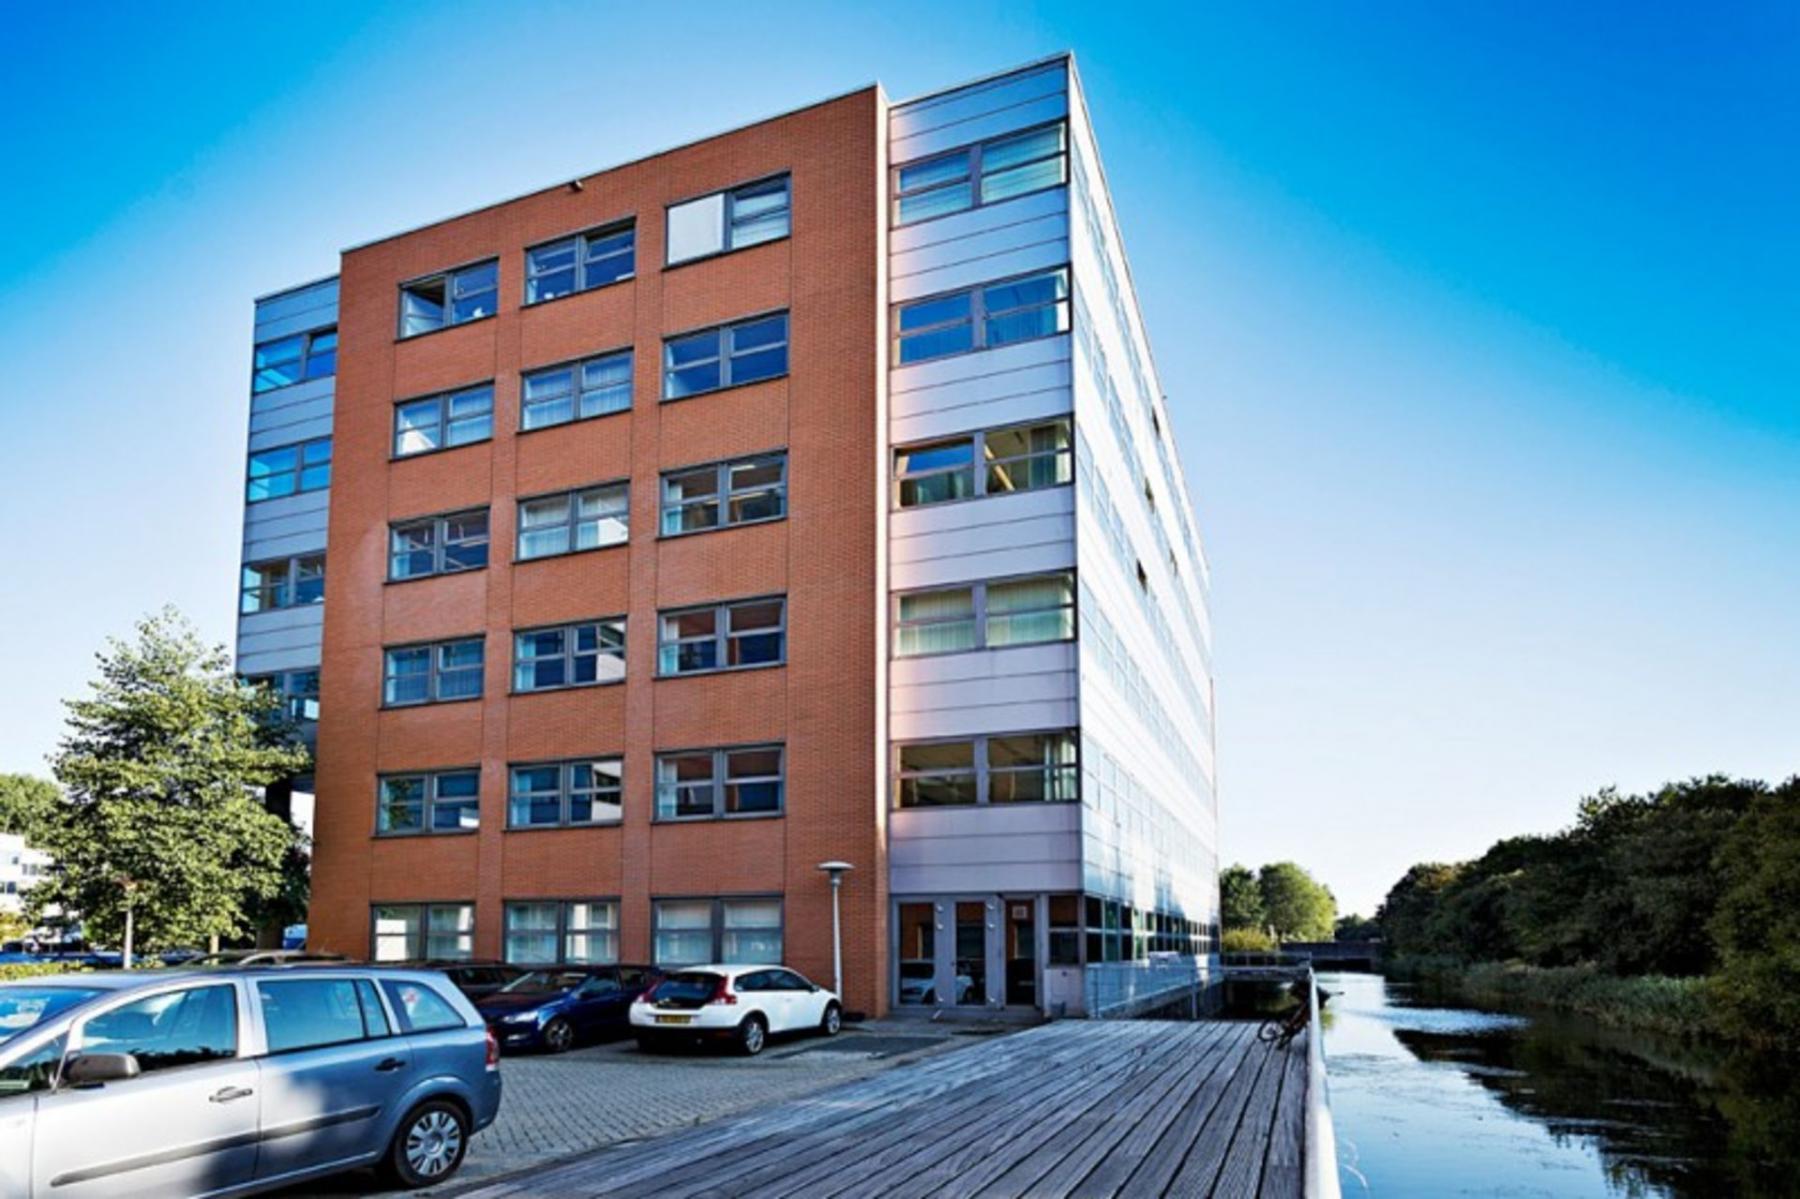 omgeving kantoor Amsterdam Entrada buitenzijde goedkoop ramen